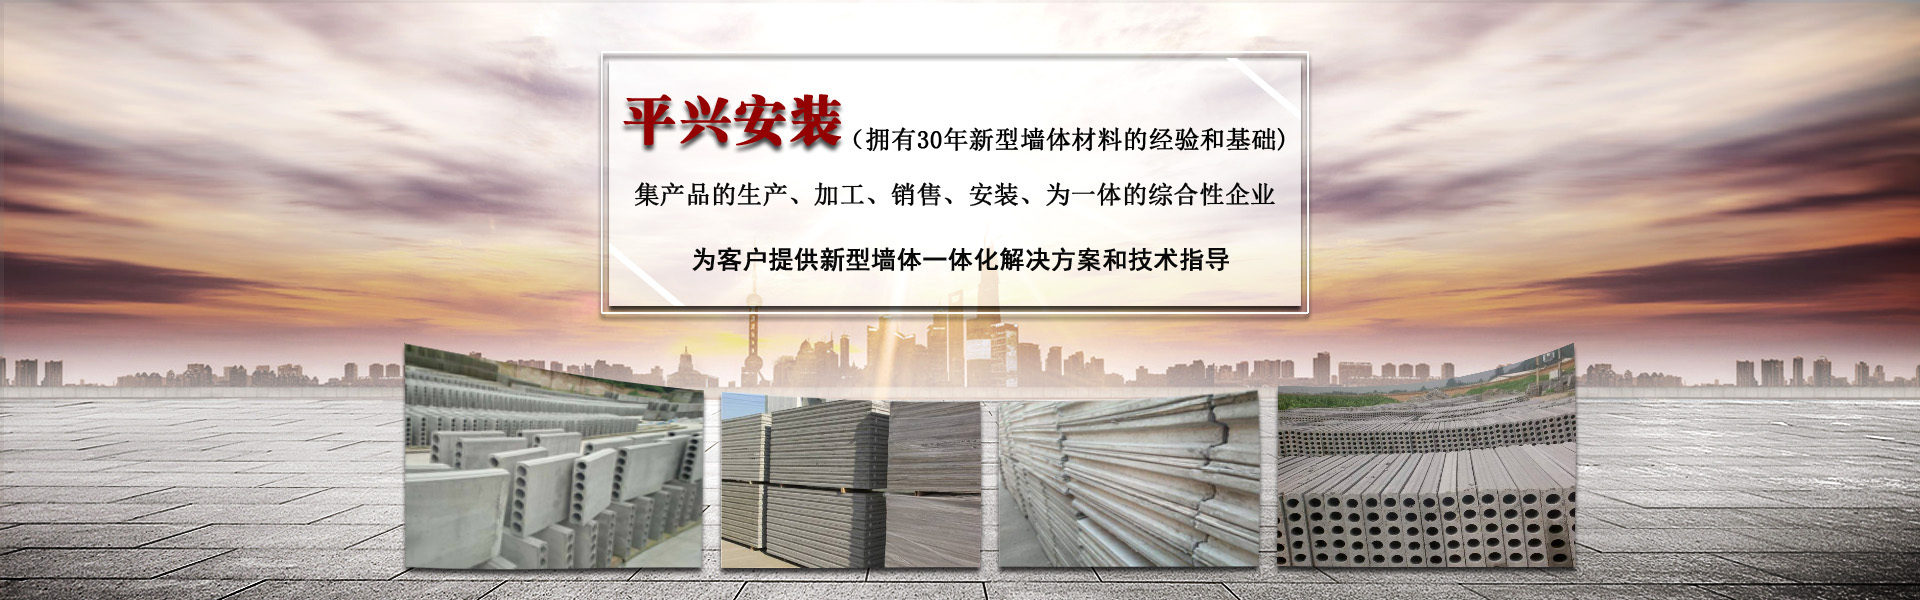 永登平兴安装工程有限公司是一家专业生产,加工、销售、安装甘肃兰州轻质隔墙板,兰州复合板,兰州空心石膏板,兰州水泥隔墙板,兰州新型墙体材料的公司.